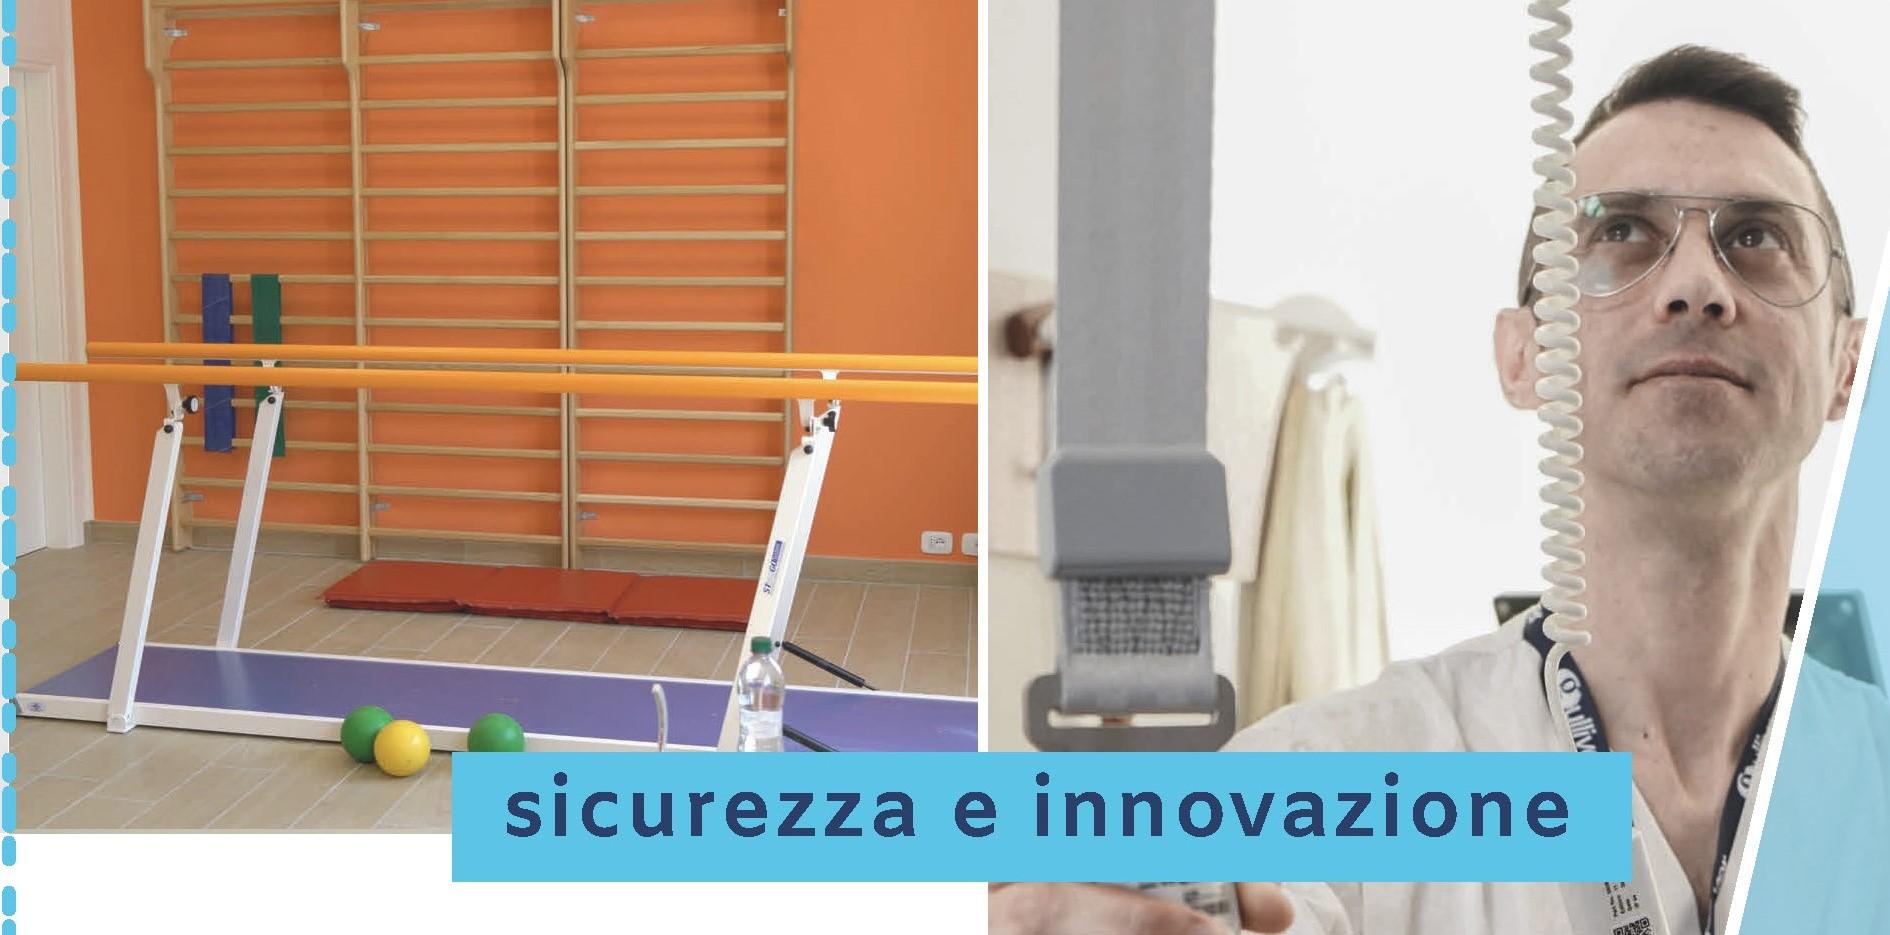 sicurezza e innovazione